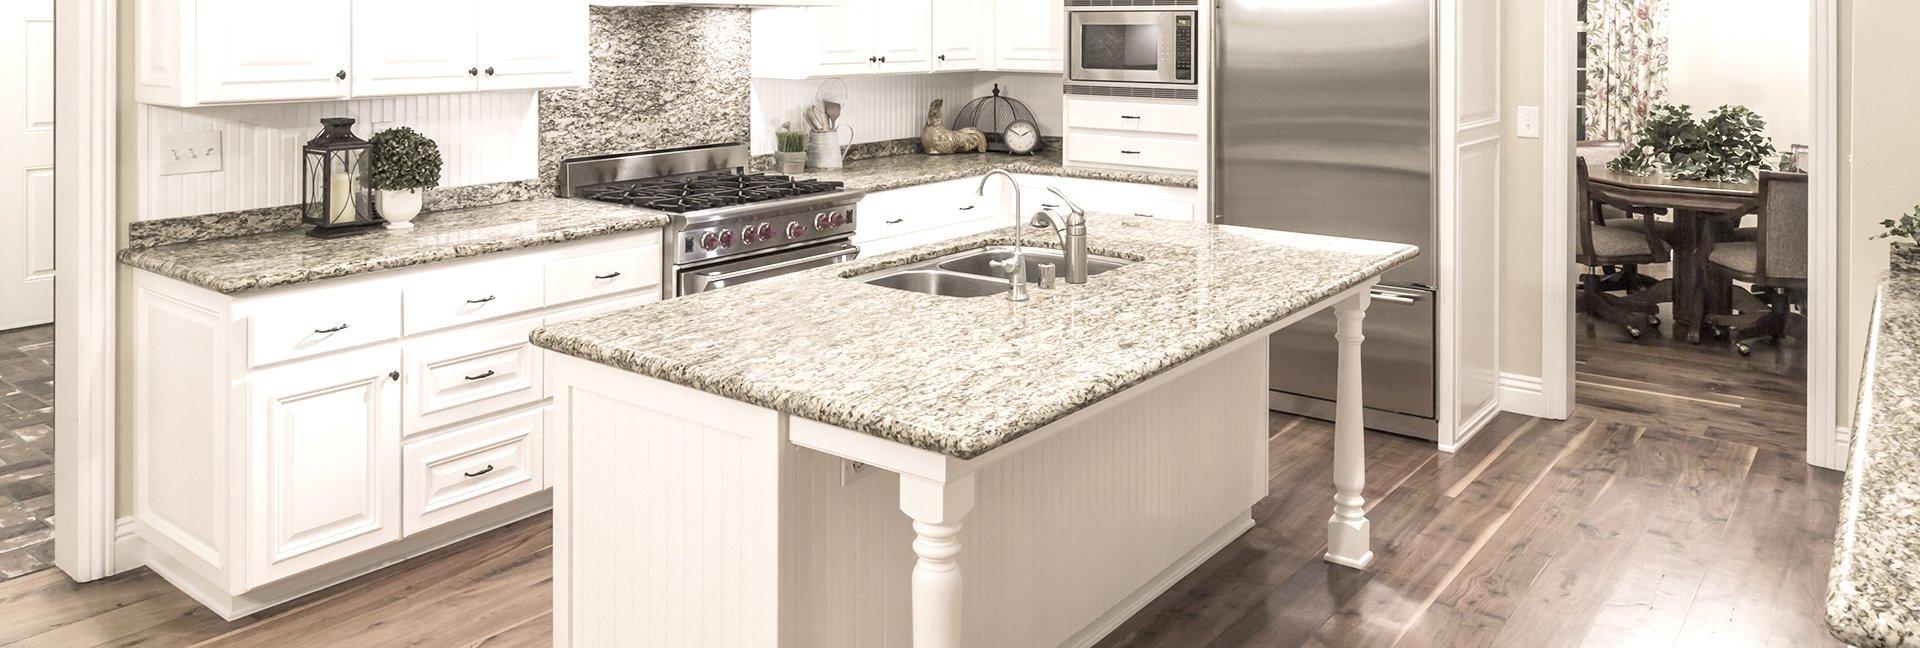 Virtuvė iš akmens dirbinių: akmeninis pilkas stalviršis stalui, virtuvės paviršiams. Gražus virtuvės interjero pavyzdys